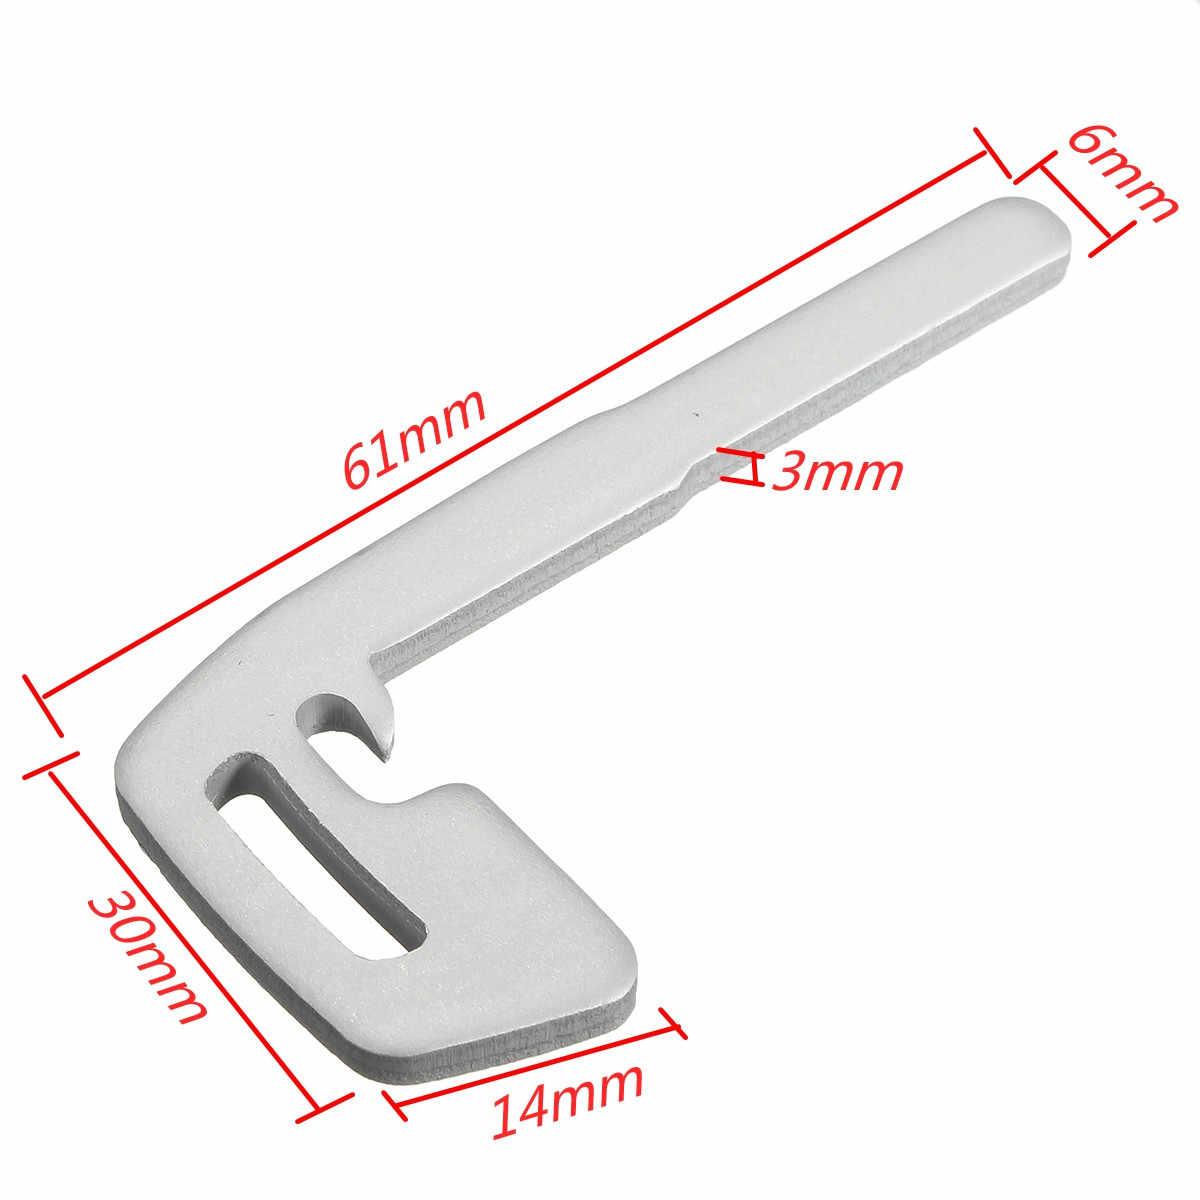 SEGADEN Uncut Blank Emergency Insert Key Blade fit for VOLVO C30 C70 S40 V50 Smart Keyless Entry Remote Key PG787K